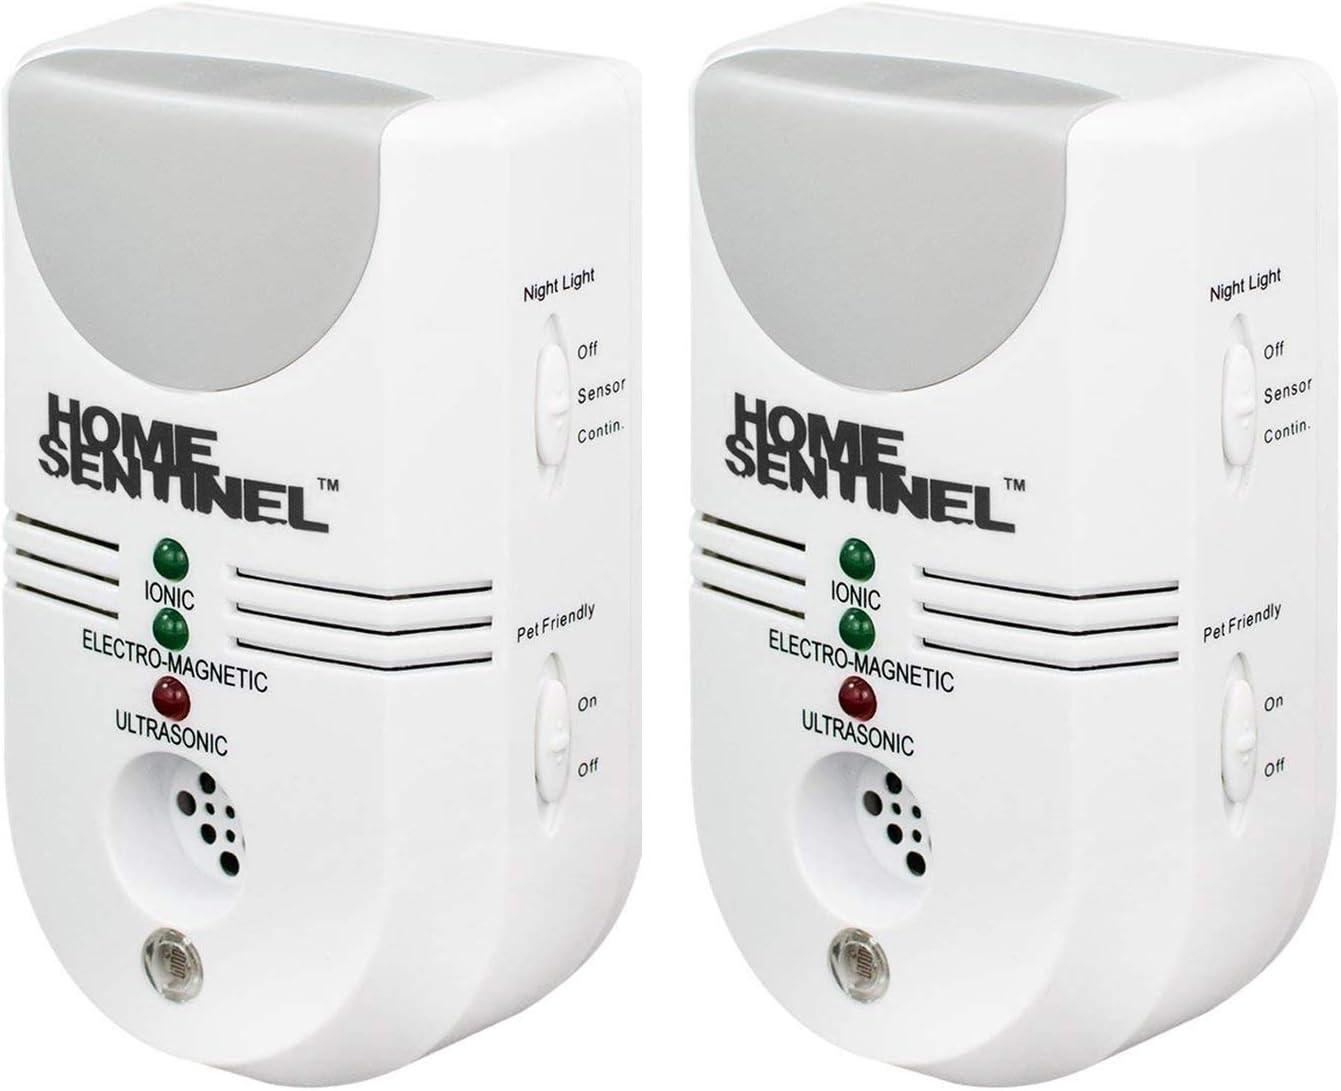 Aspectek Home Sentinel 5-en-1 para interiores Pest Control ...